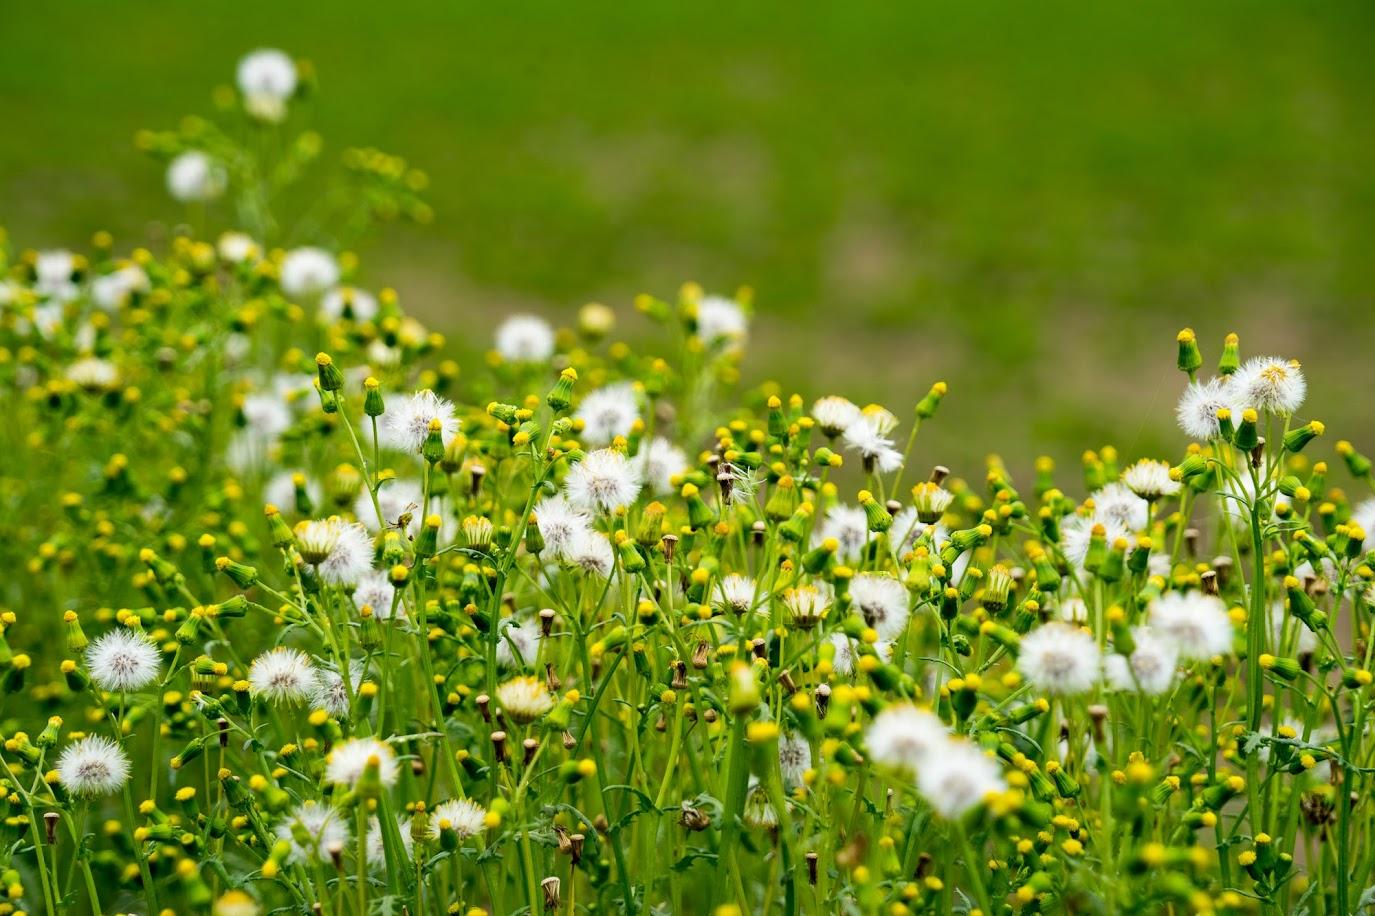 黒千石大豆の圃場の畦を彩るタンポポ